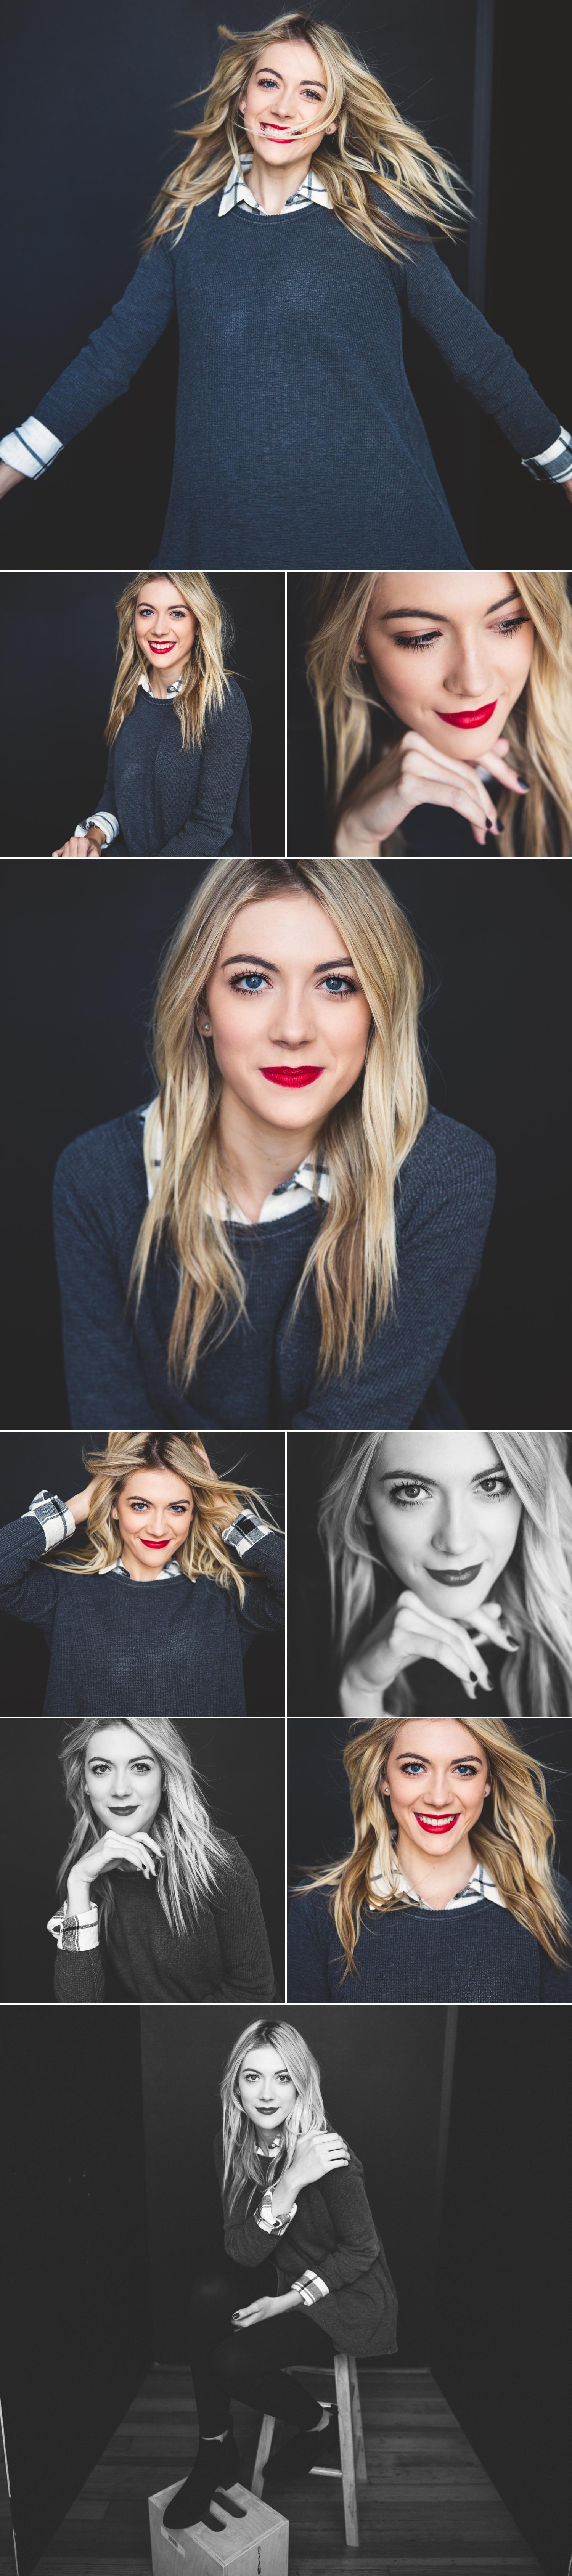 Emily Neal 4.jpg